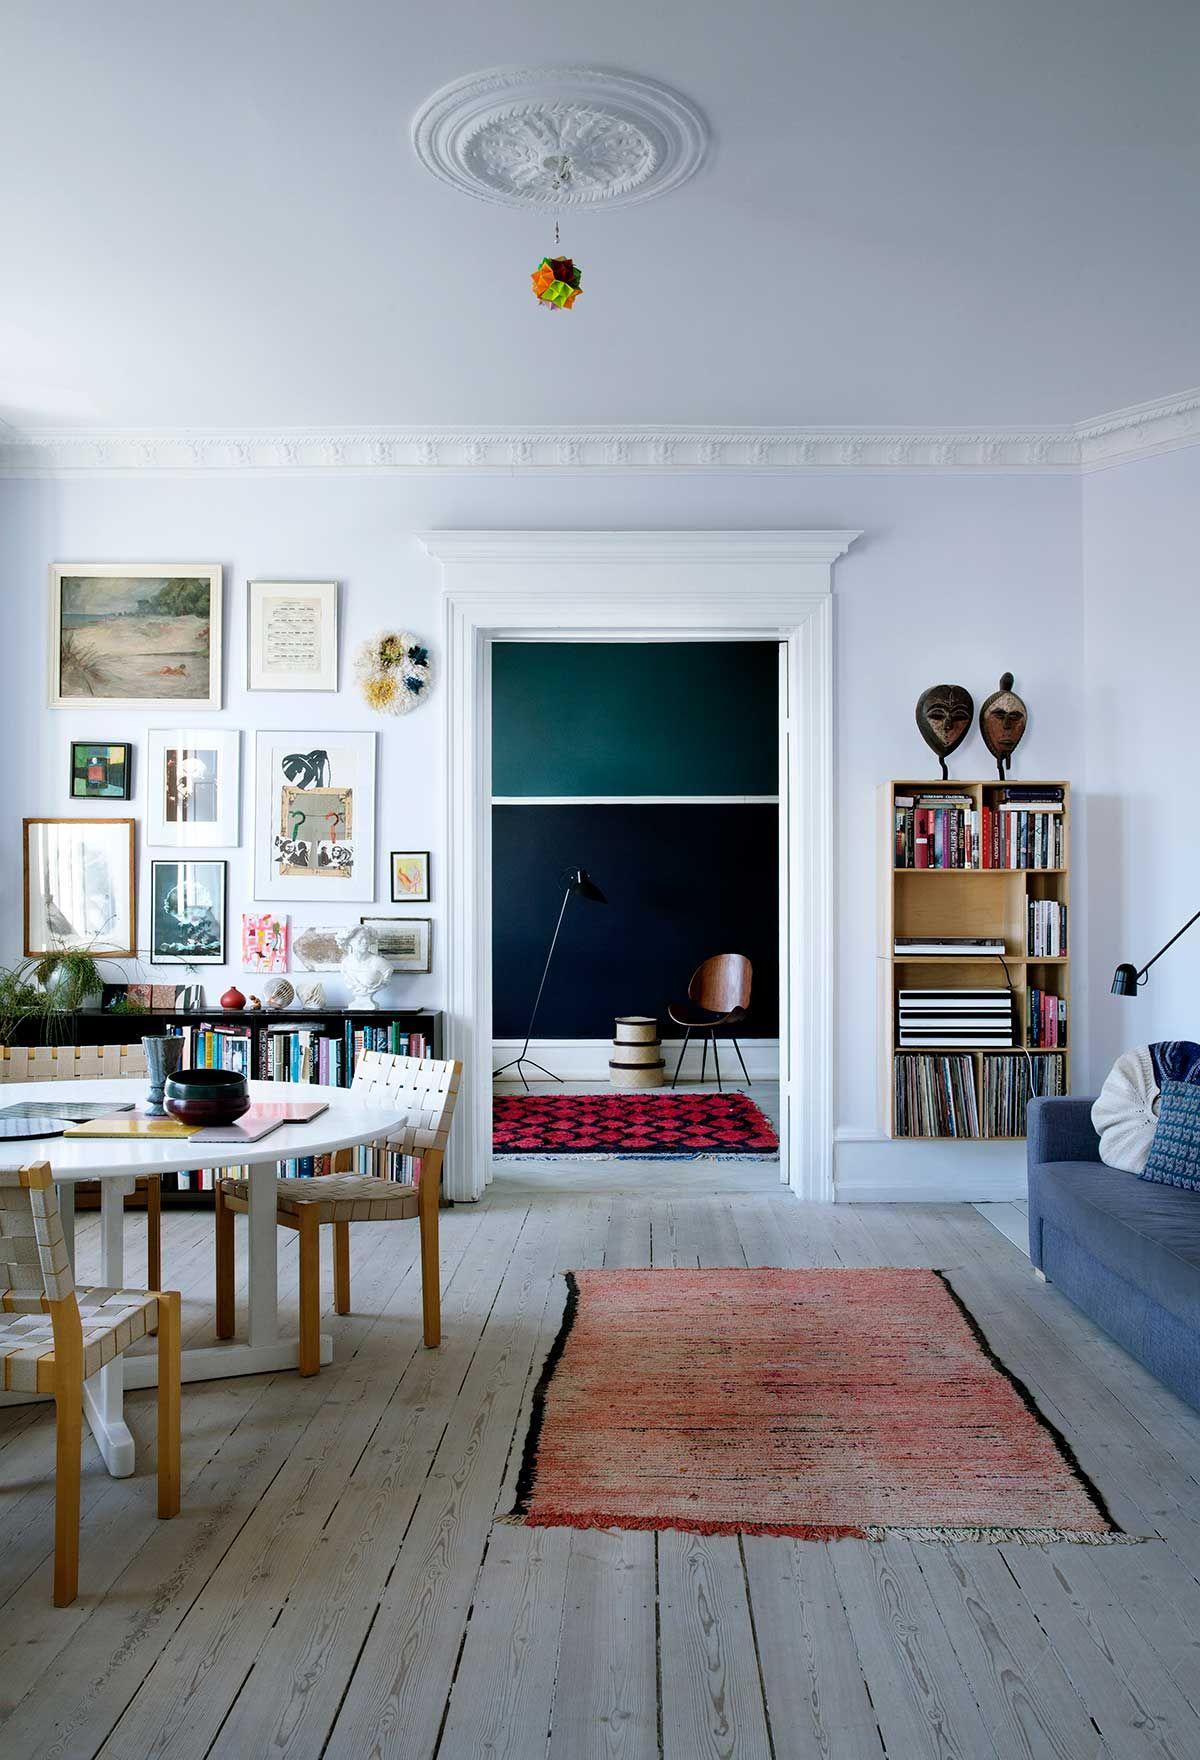 Pin von noora auf LIVING ROOM | Pinterest | Esszimmer, Einrichtung ...